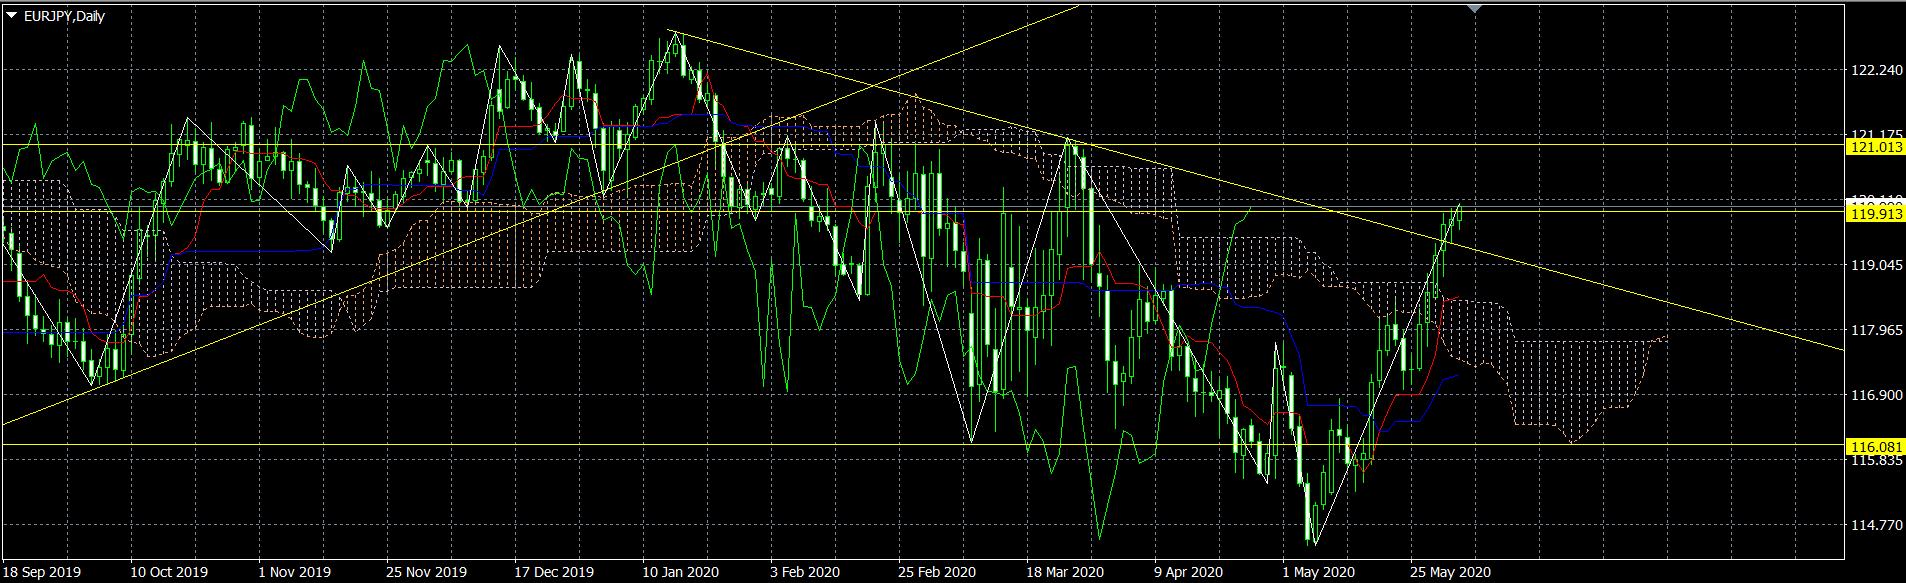 ユーロ円予想見通しチャート20200601